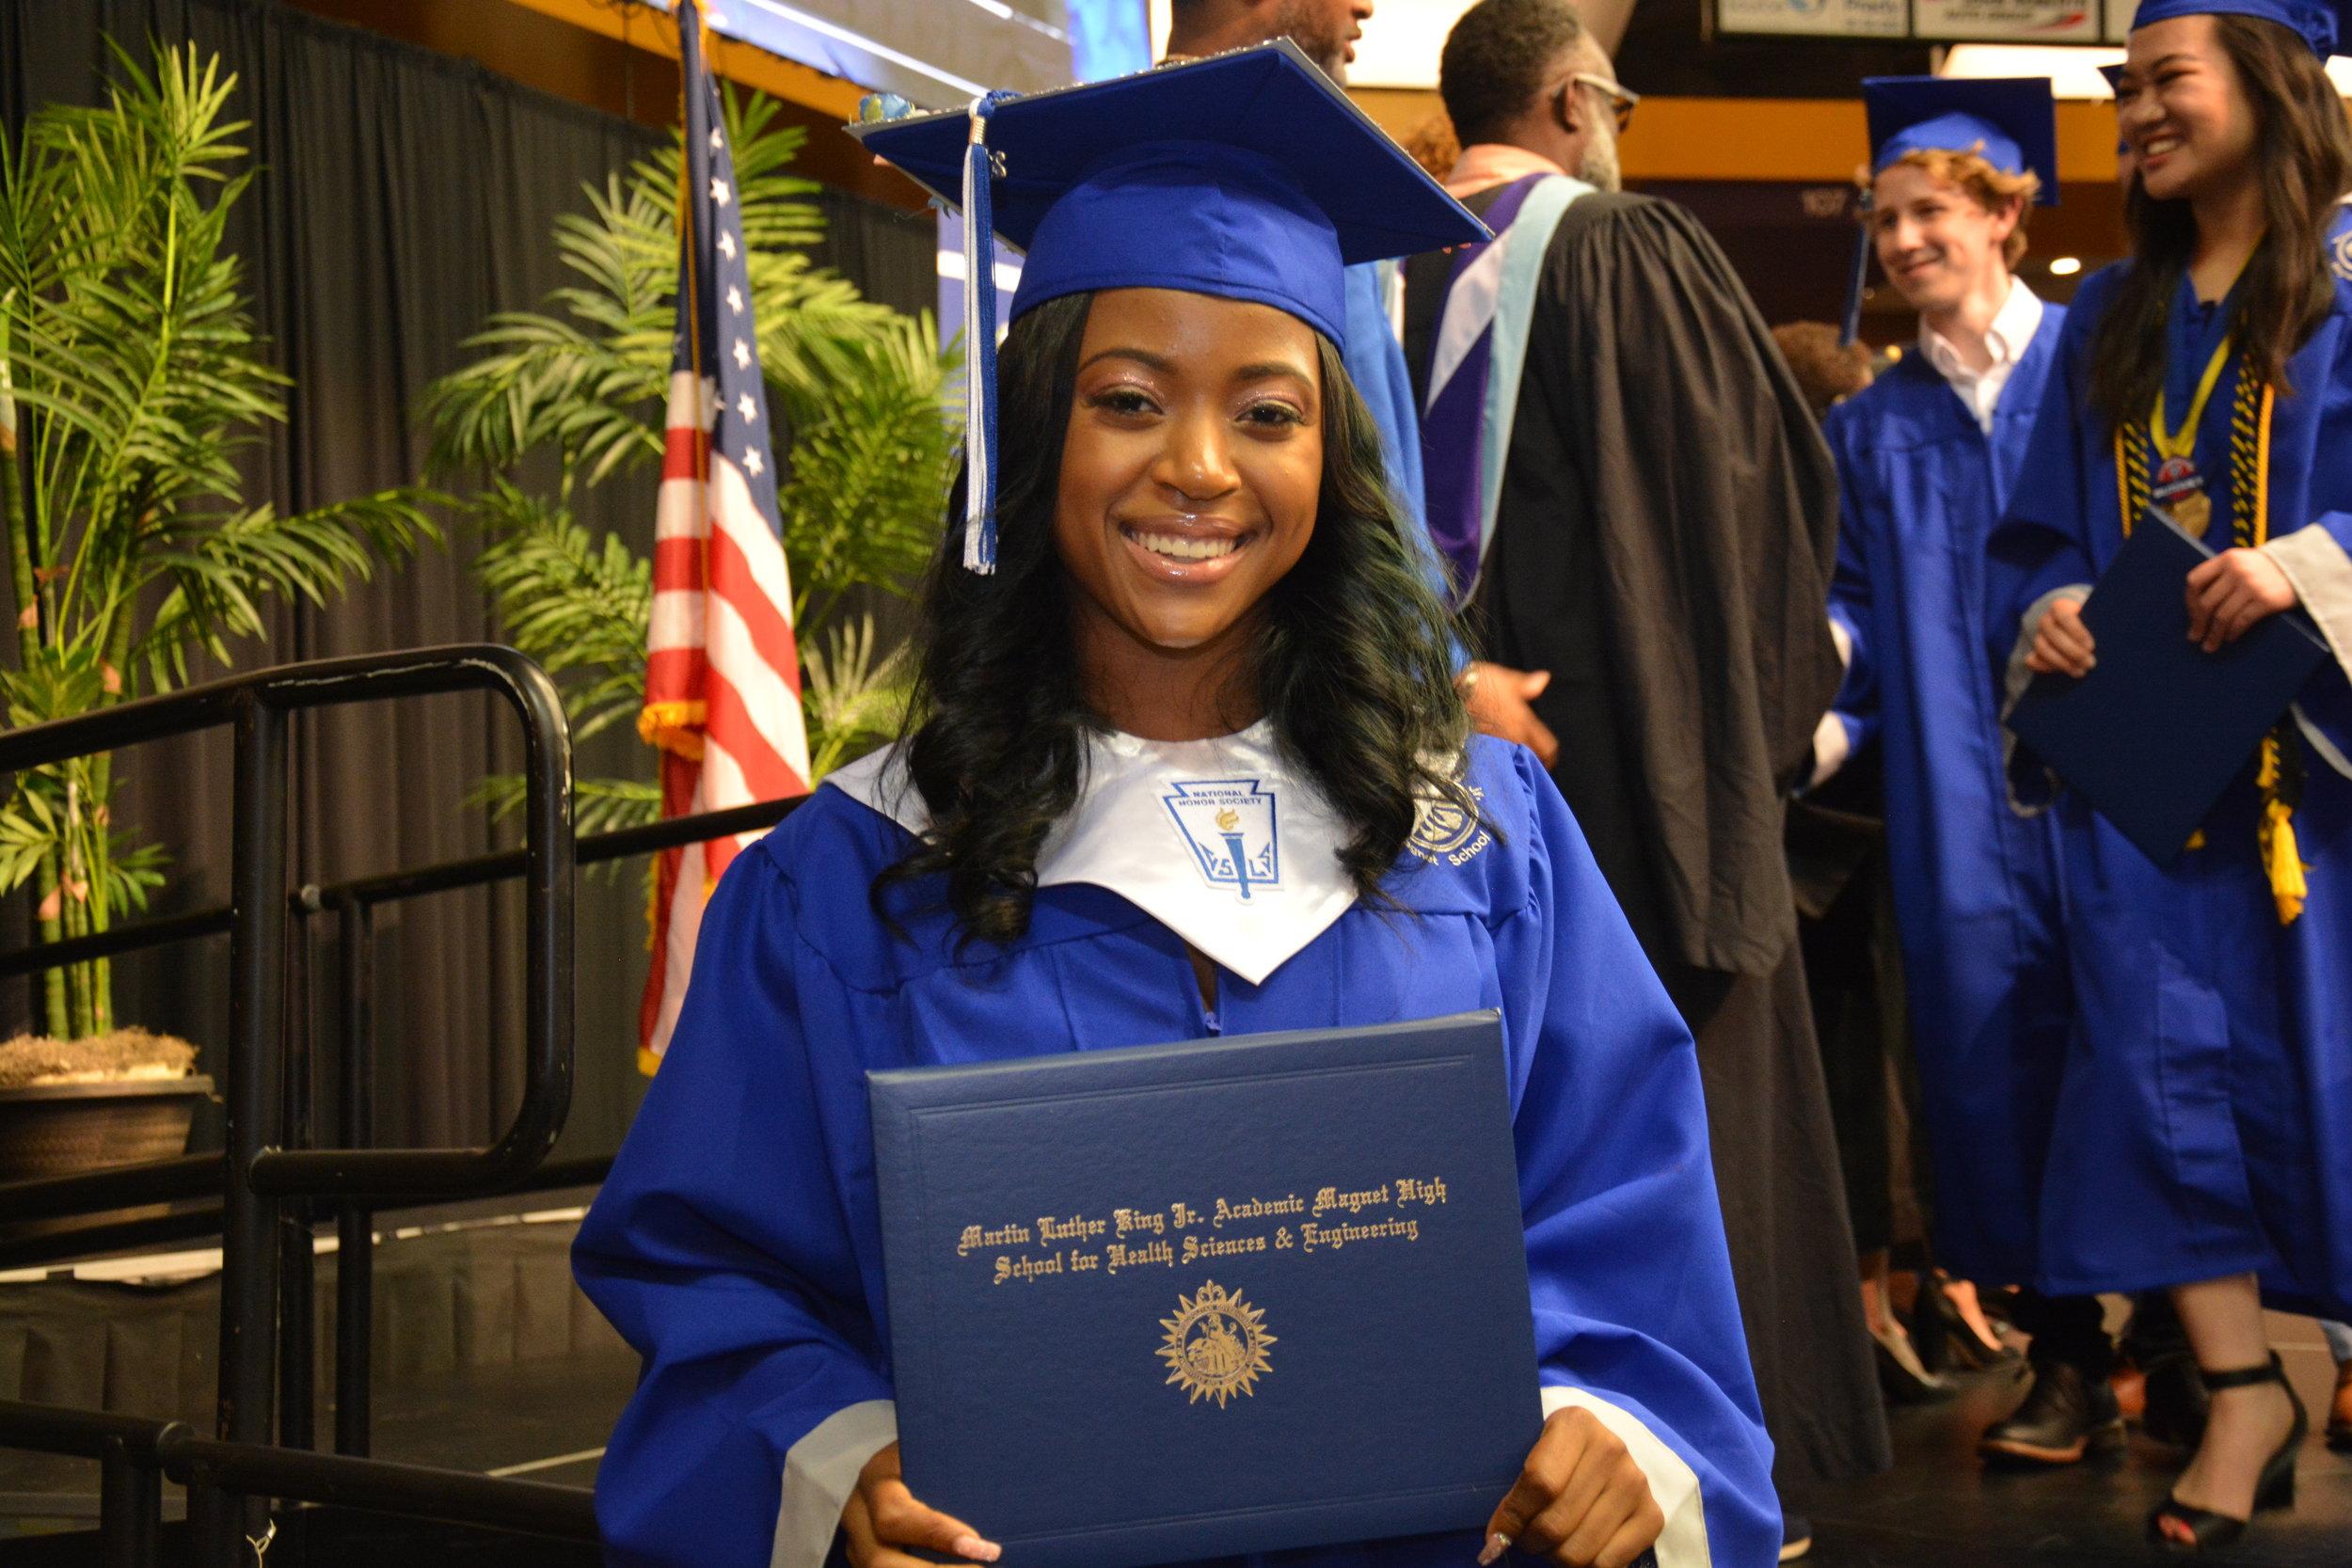 Metro Schools See Increase in Graduation Rates